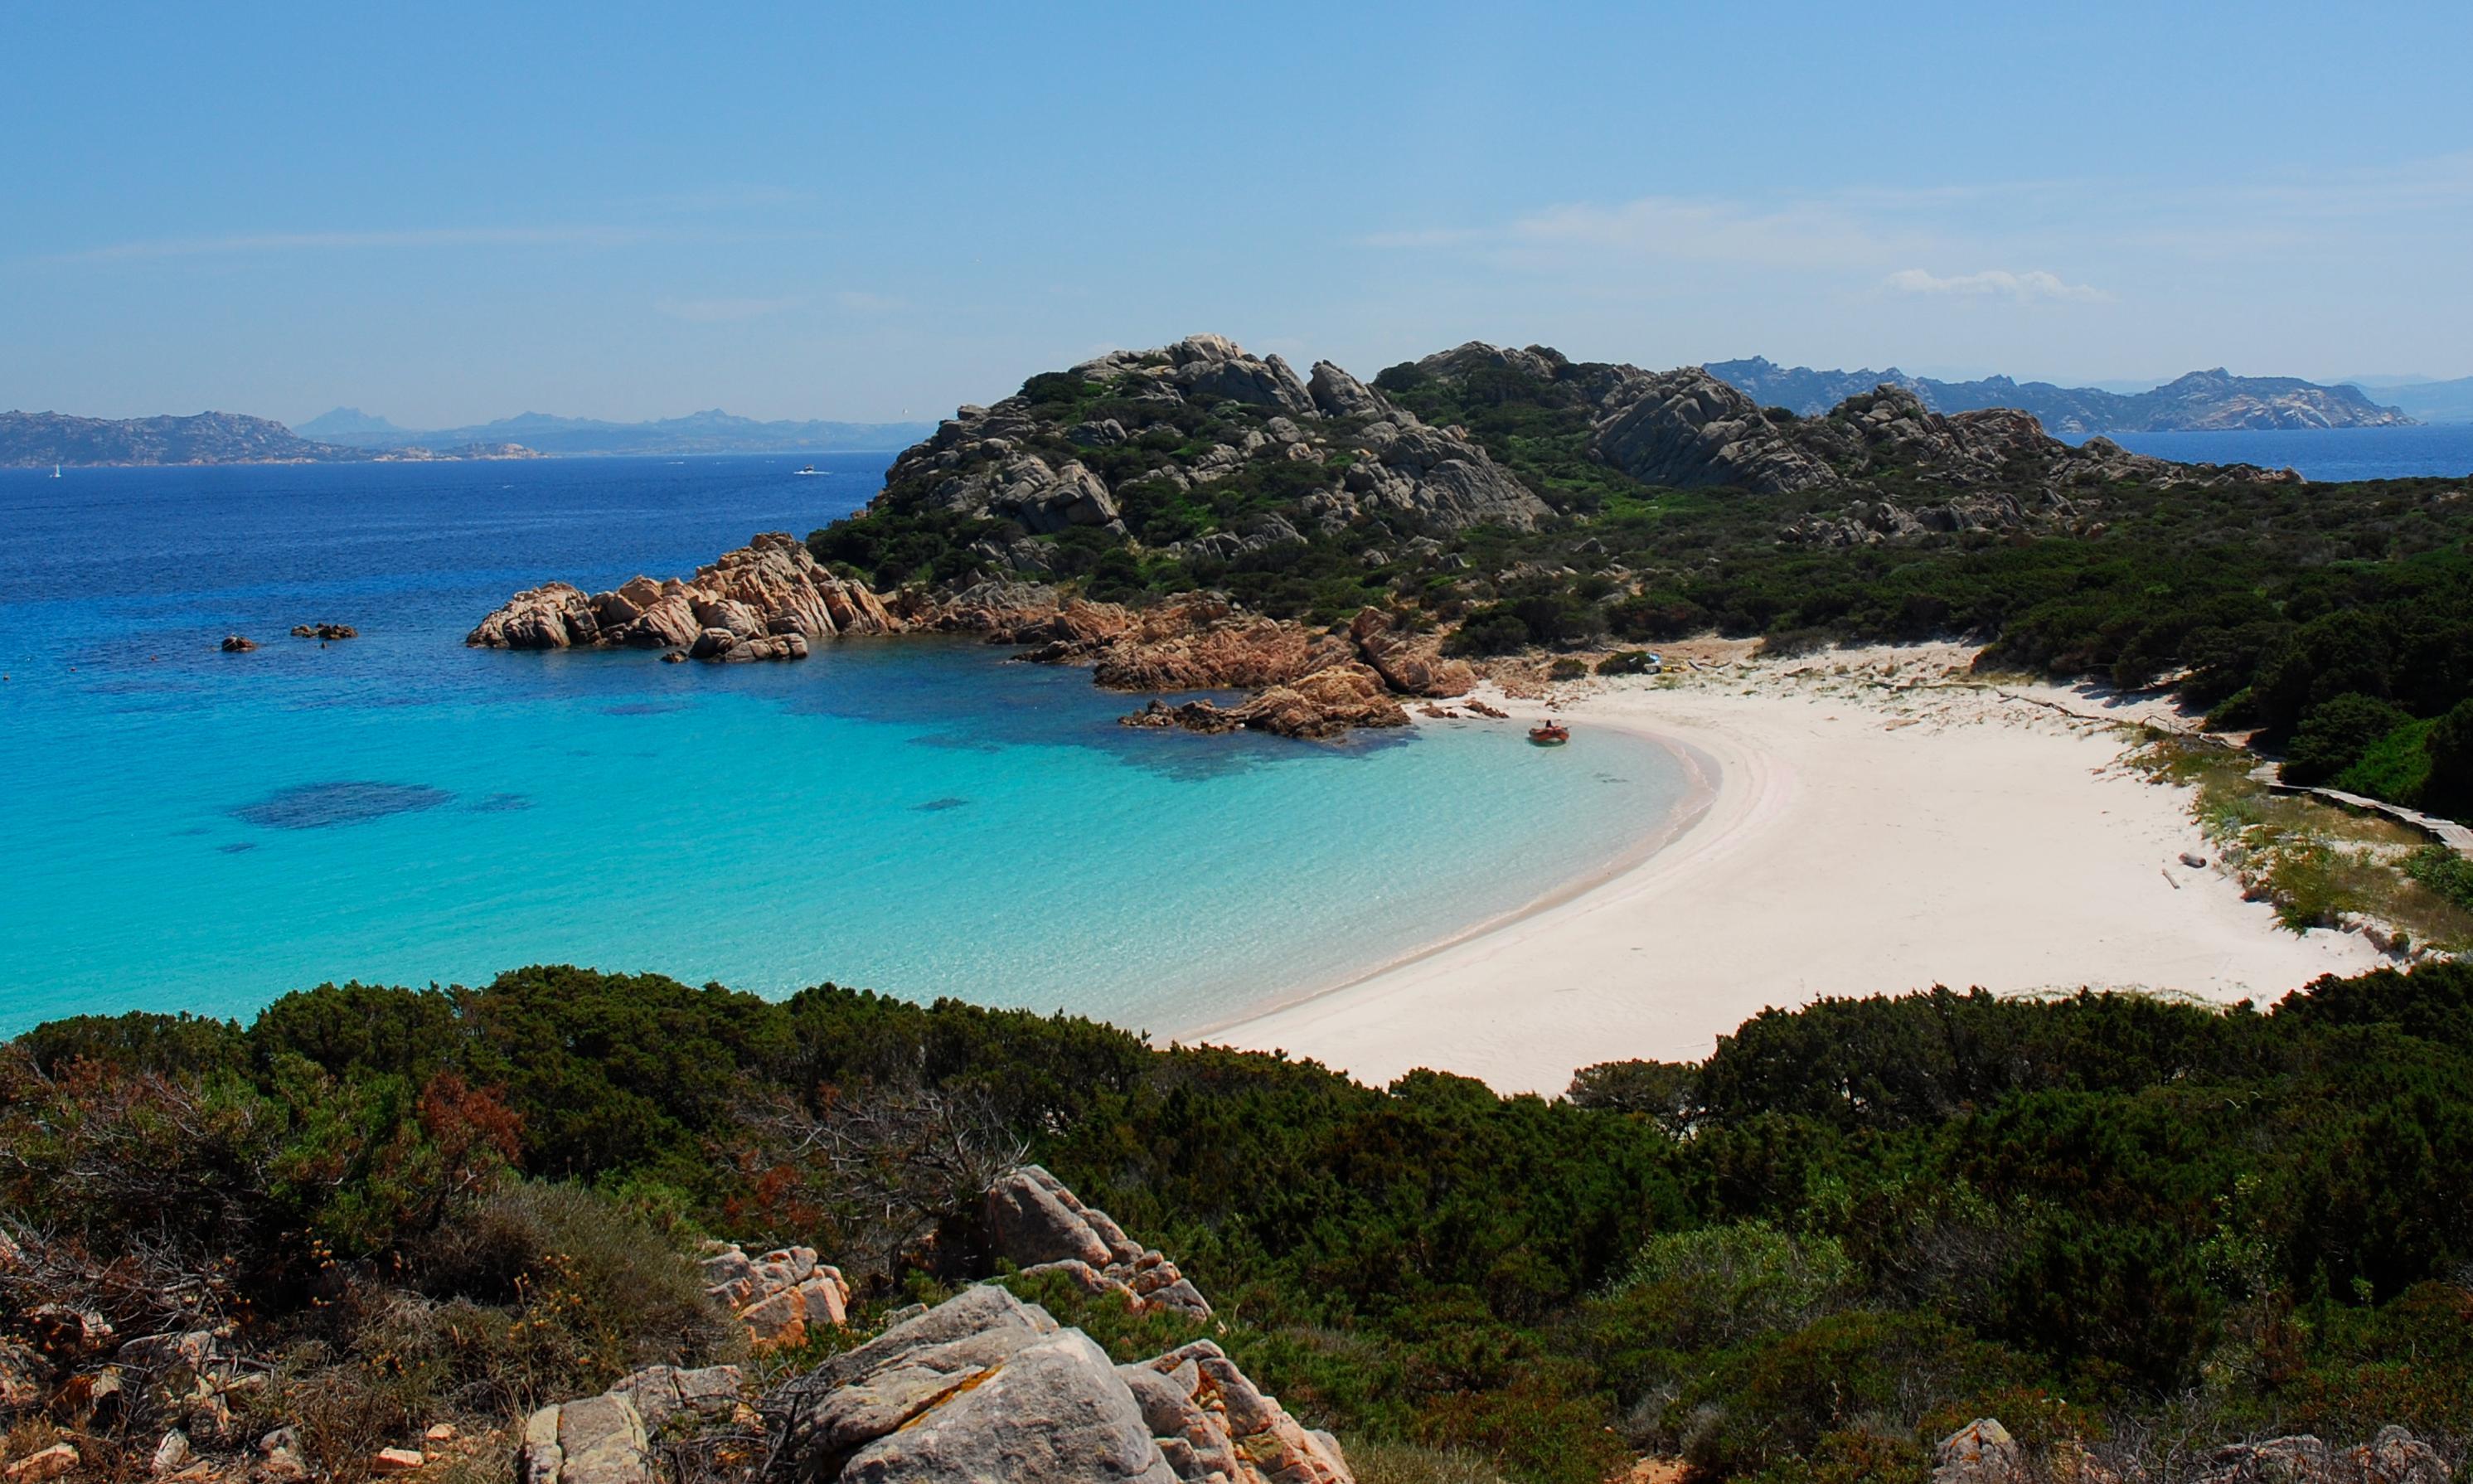 Descubre Cerdeña, la perla del Mediterráneo